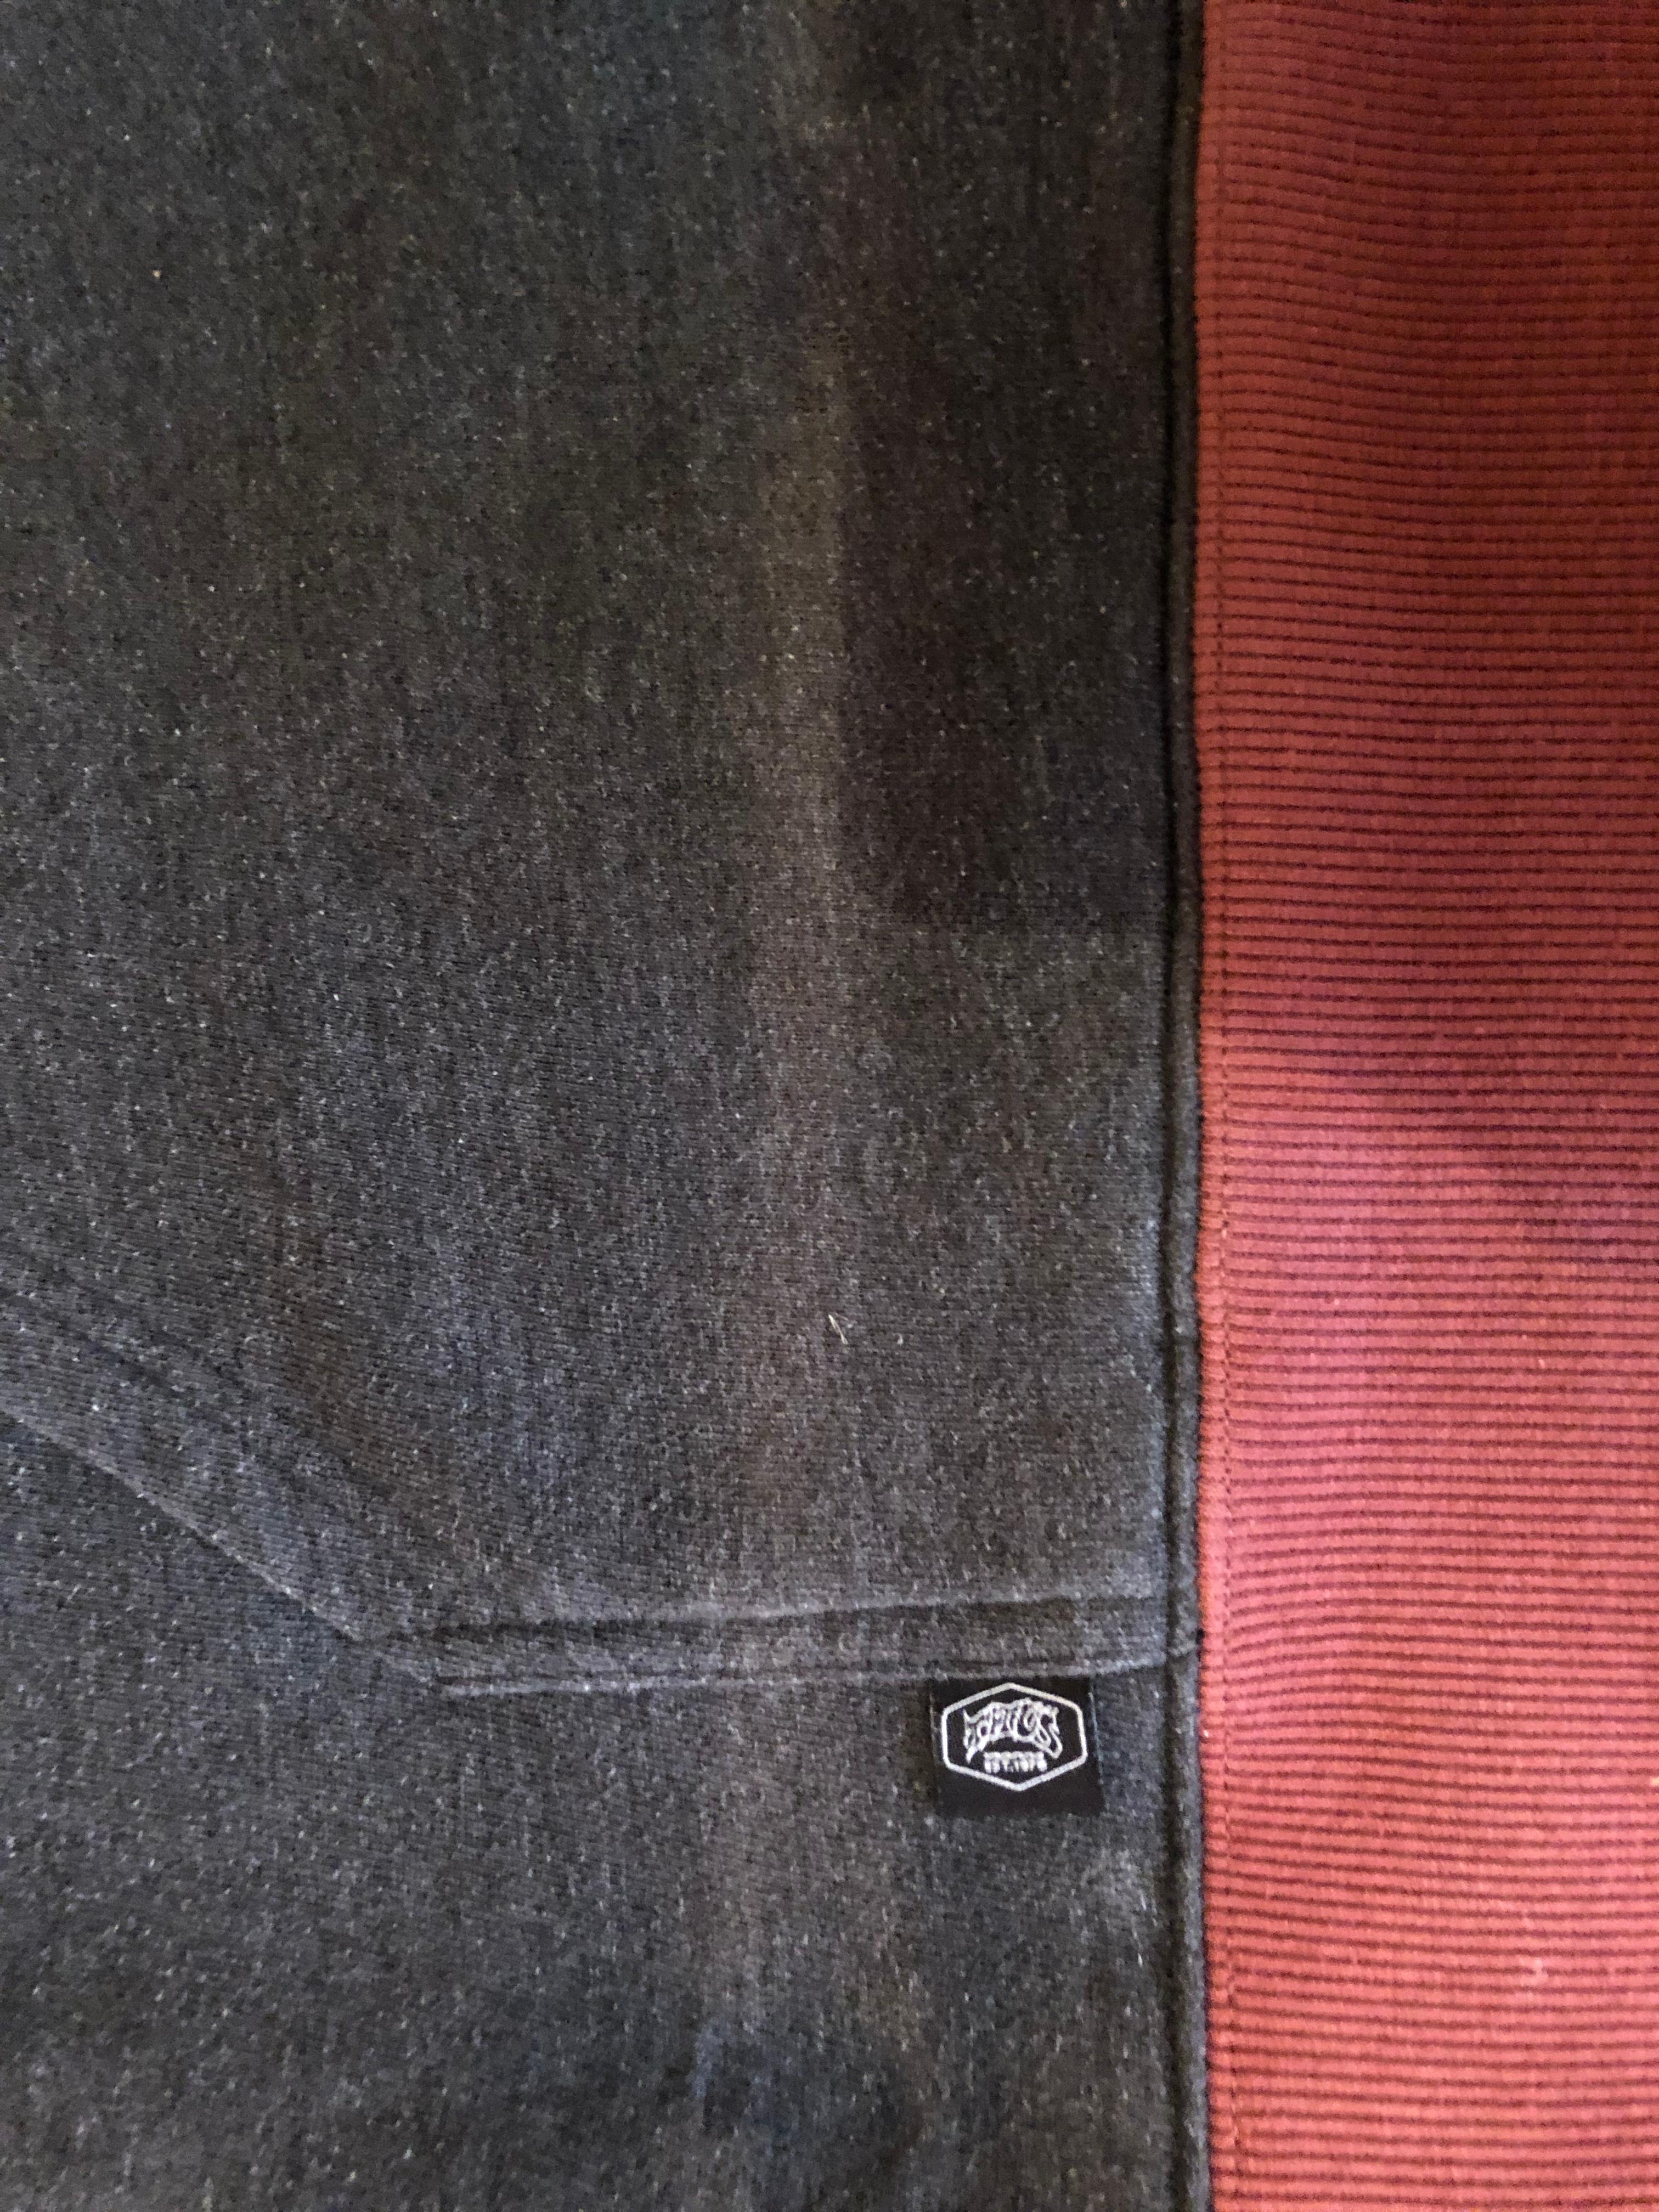 wie schwarze kleidung entfärben? (mode, haushalt, klamotten)